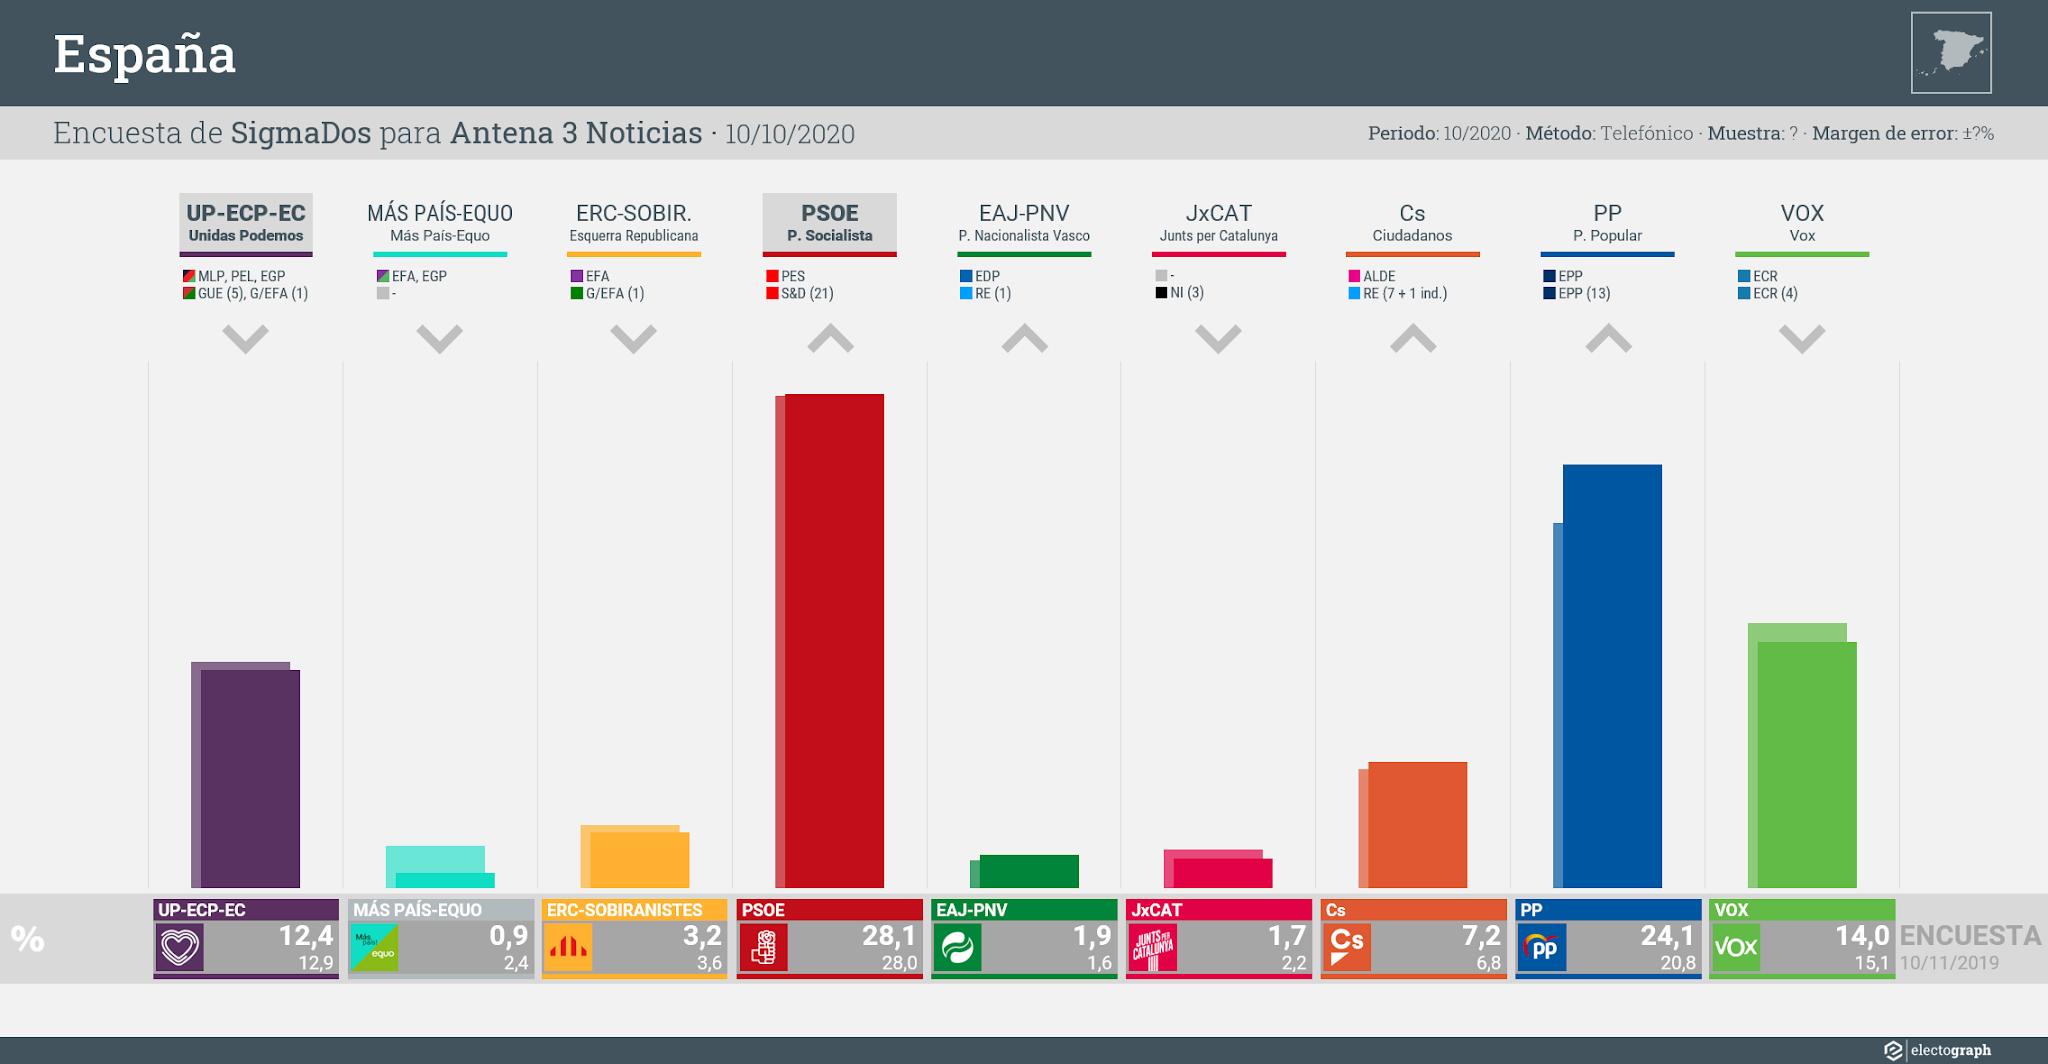 Gráfico de la encuesta para elecciones generales en España realizada por SigmaDos para Antena 3 Noticias, 10 de octubre de 2020